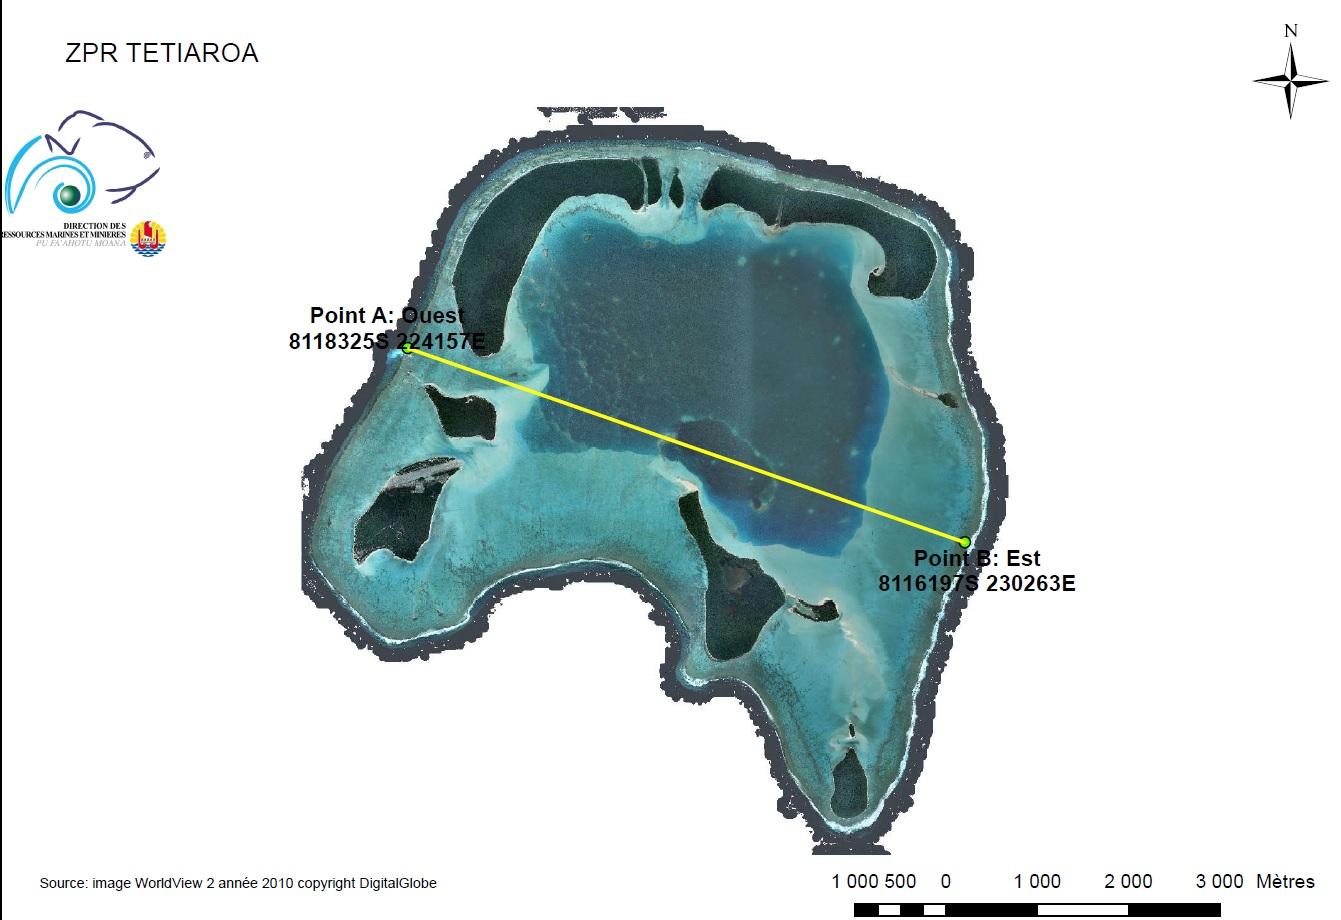 La pêche est interdite au sud de la ligne jaune, depuis juin 2014 suite à la création d'un ZPR à Tatiaroa.